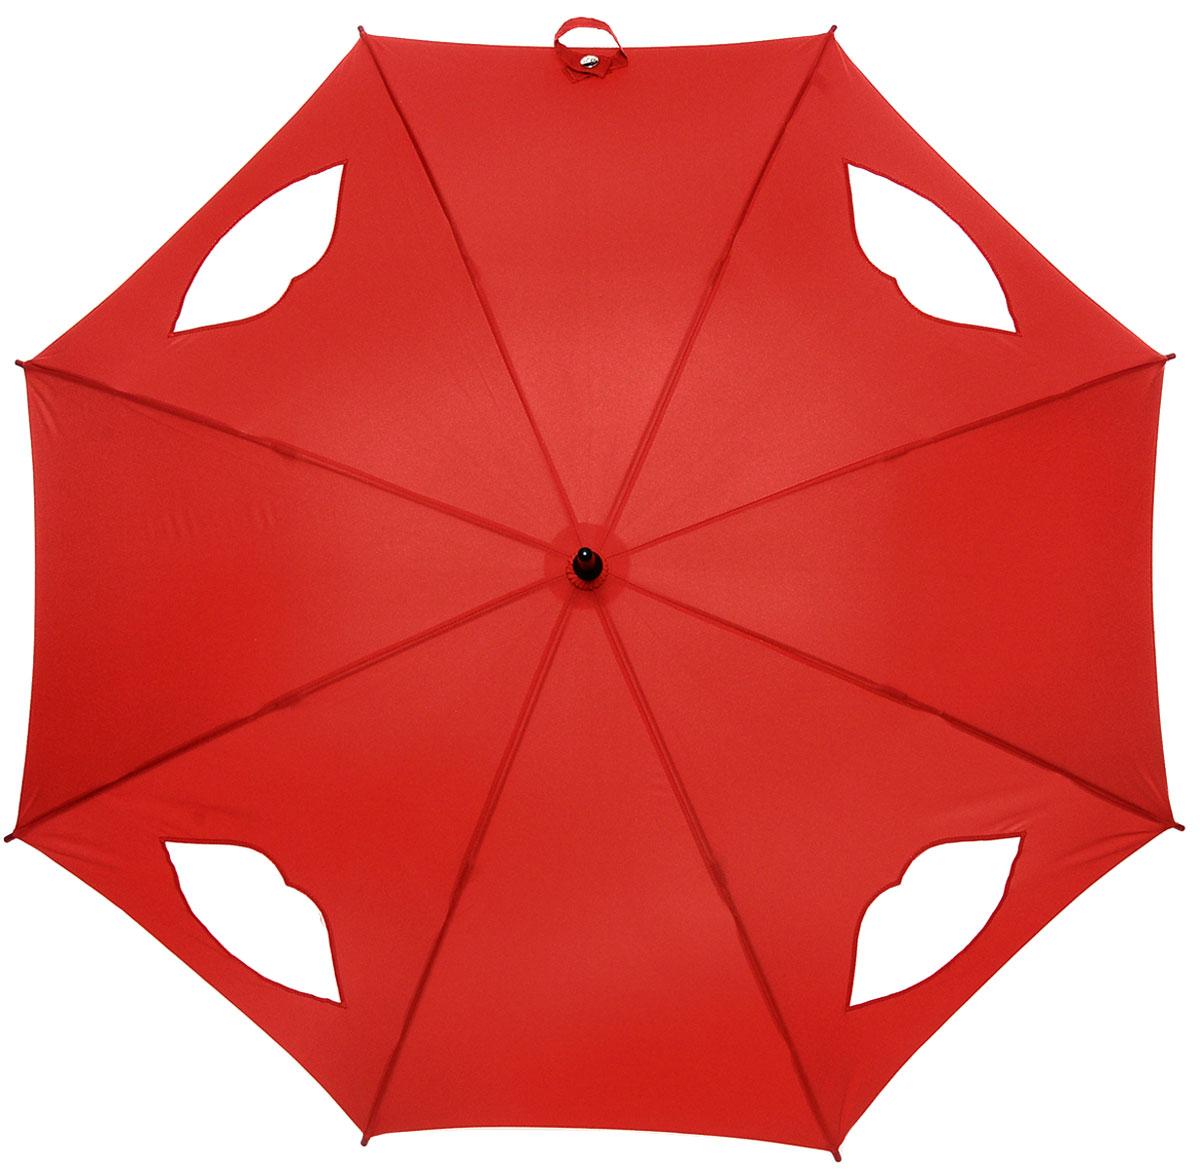 Зонт-трость женский Lulu Guinness Kensington, механический, цвет: темно-красный. L777-2785П300020005-9Модный механический зонт-трость Fulton Lulu Guinness даже в ненастную погоду позволит вам оставаться стильной и элегантной. Каркас зонта состоит из 8 спиц и стержня из фибергласса. Купол зонта выполнен из прочного полиэстера и оформлен вставками в виде губ, которые выполнены из полупрозрачного материала. Изделие оснащено удобной рукояткой из дерева.Зонт механического сложения: купол открывается и закрывается вручную до характерного щелчка.Модель закрывается при помощи хлястика на кнопке.Такой зонт не только надежно защитит вас от дождя, но и станет стильным аксессуаром, который идеально подчеркнет ваш неповторимый образ.